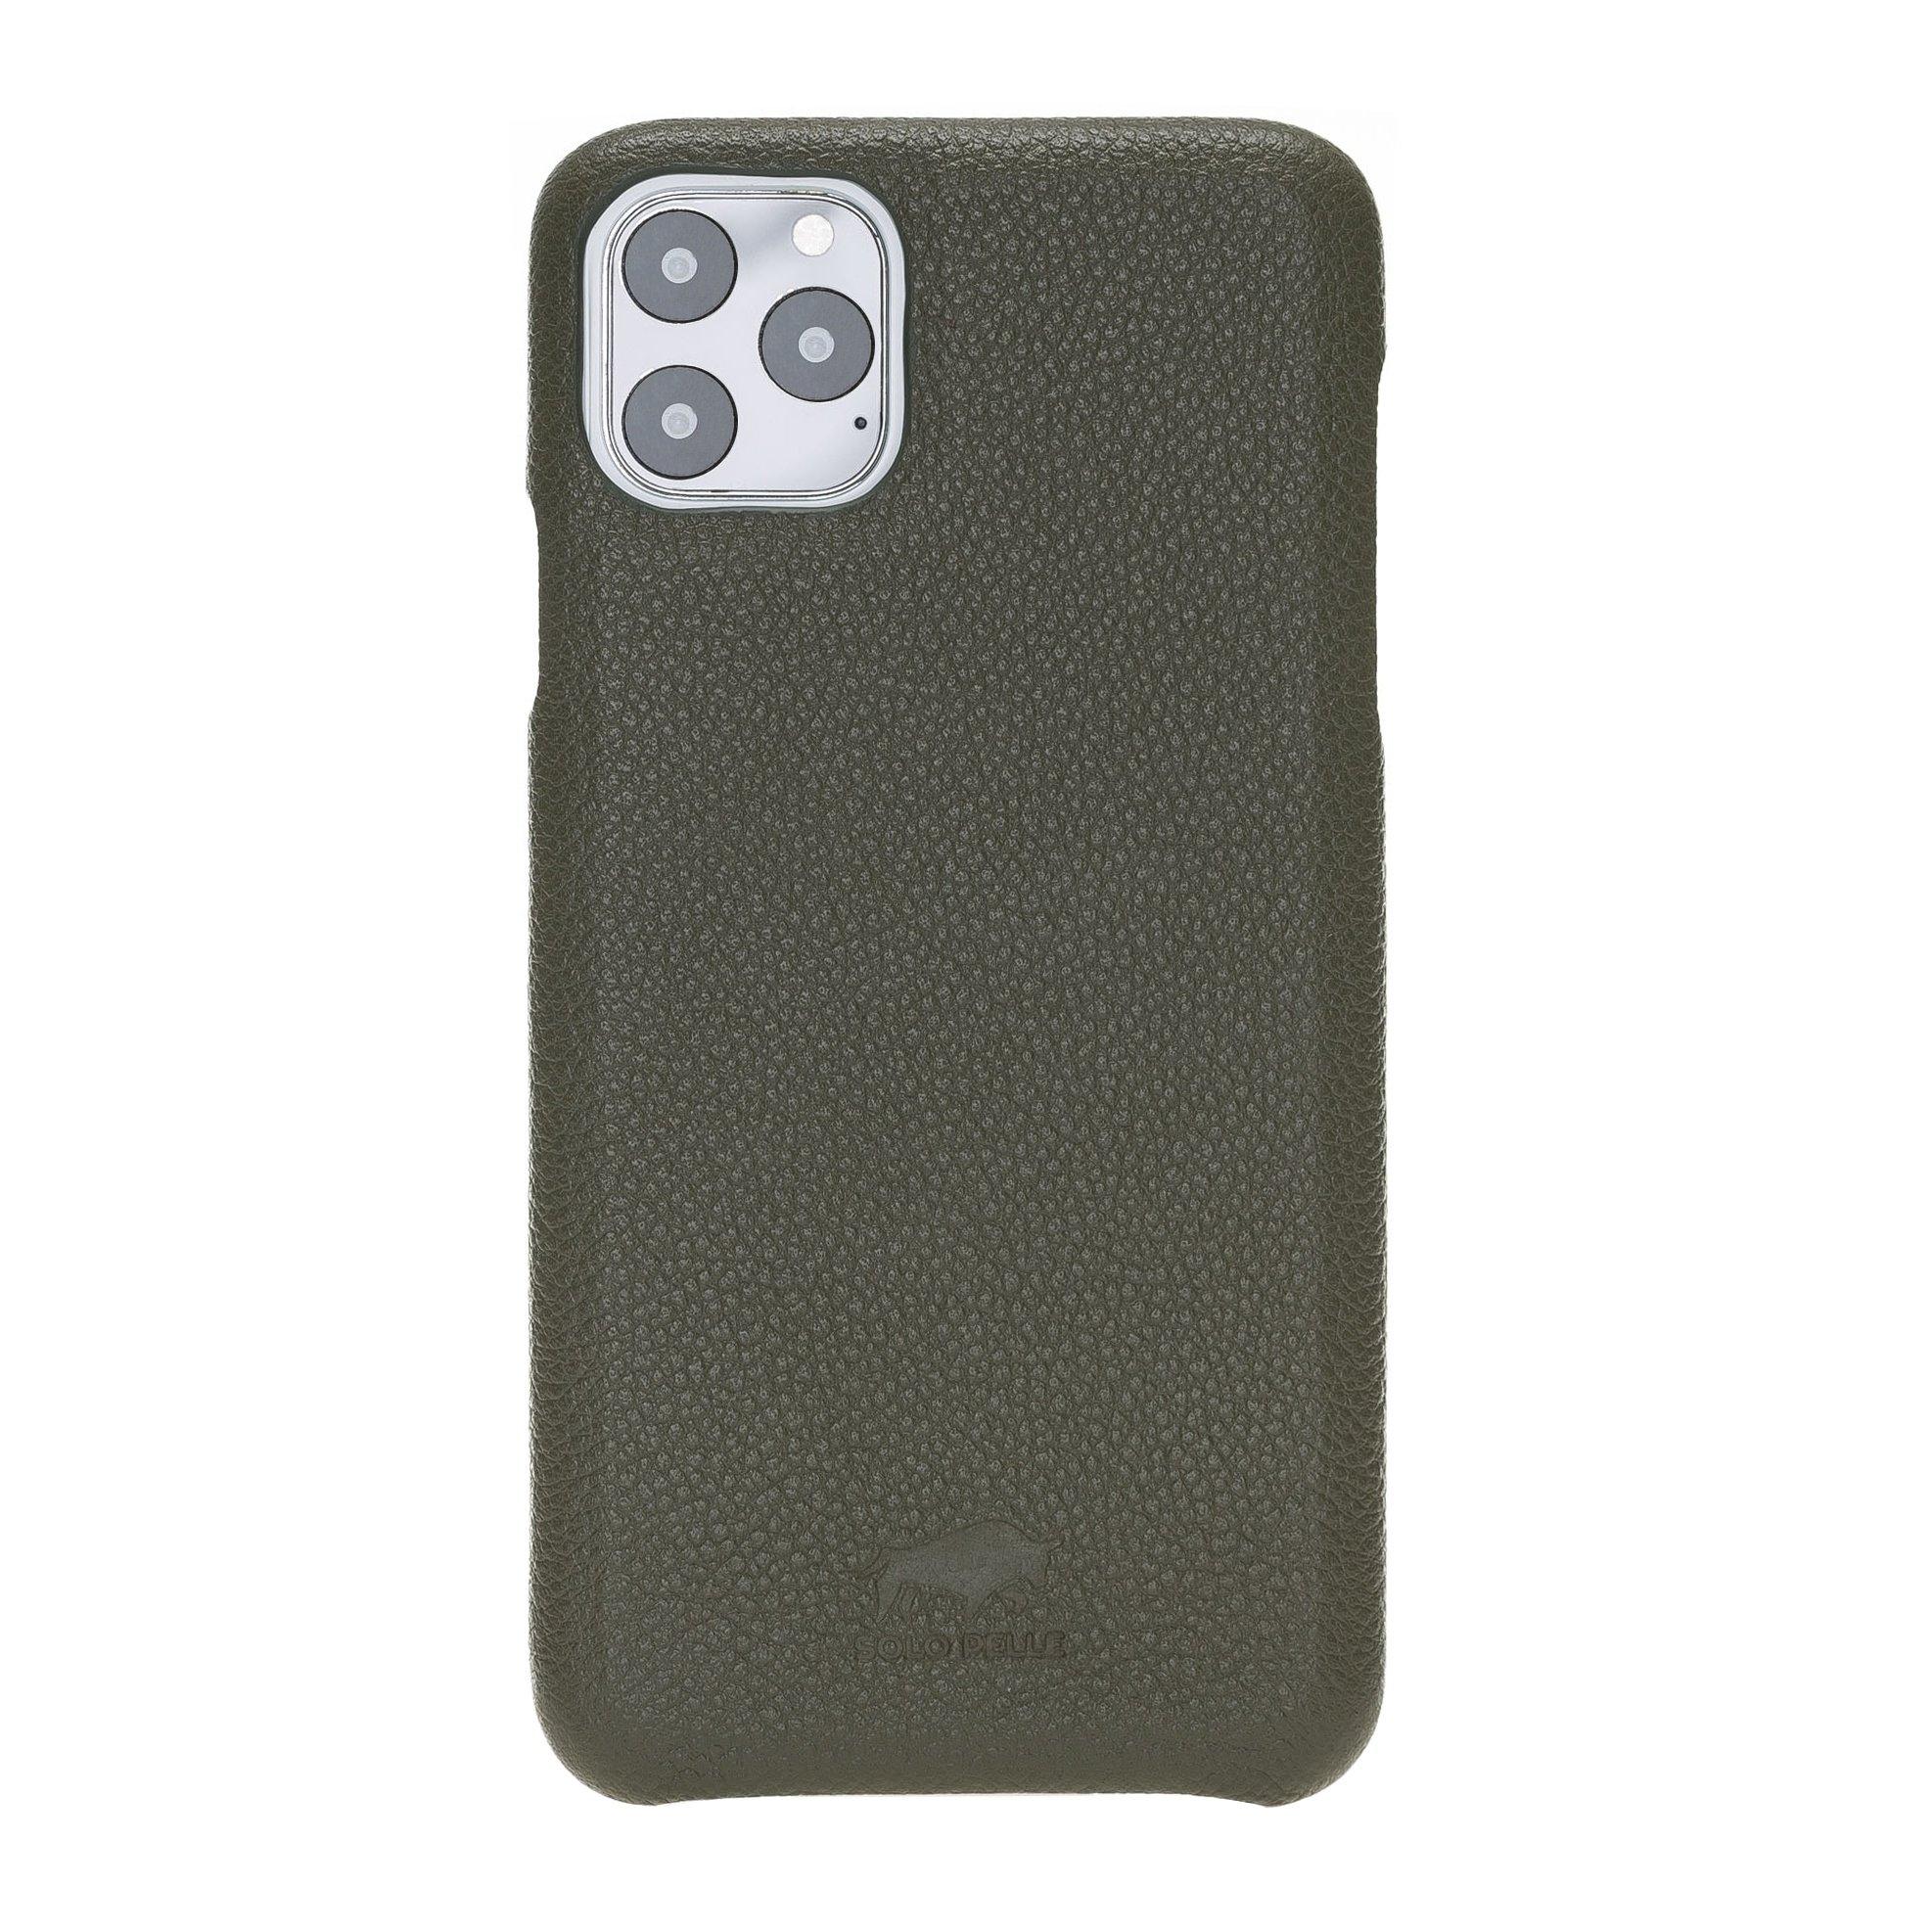 Solo Pelle Lederhülle für das iPhone 11 Pro (Max) 6.5 Zoll Stanford (Vollleder Nachtgrün)